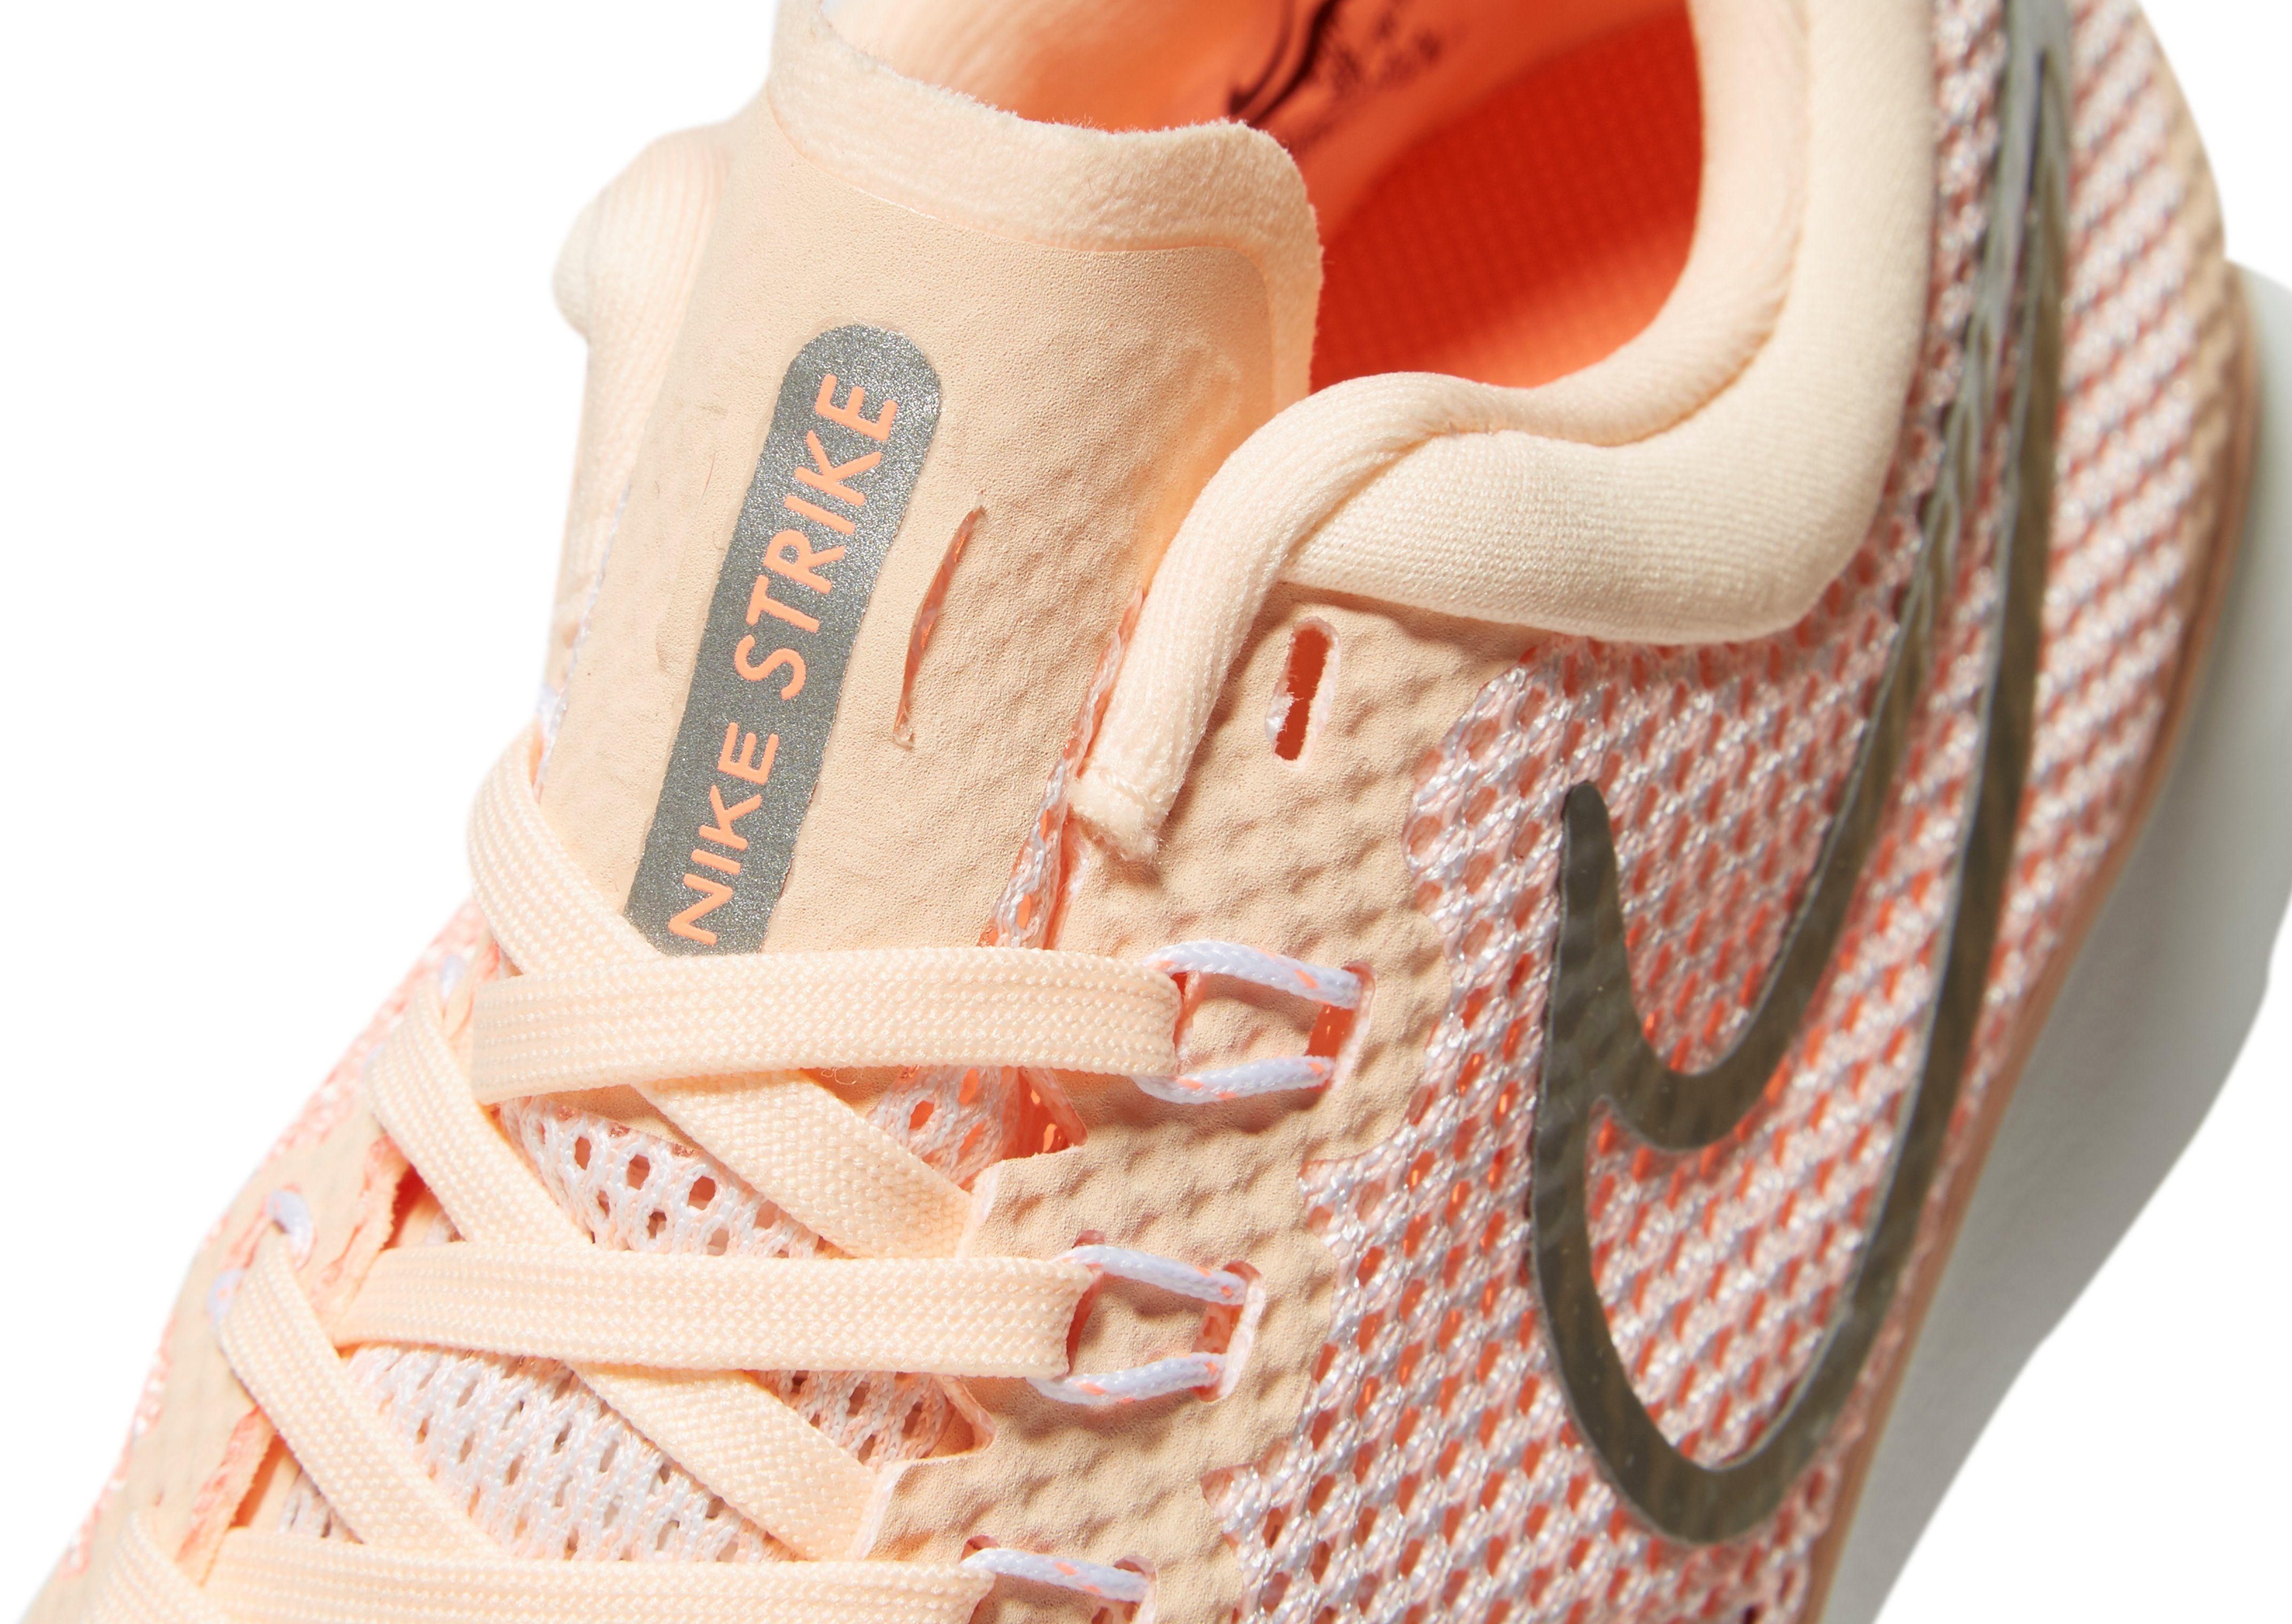 Nike Zoom Strike Junior Pink Bester Großhandel Zu Verkaufen gKCOL